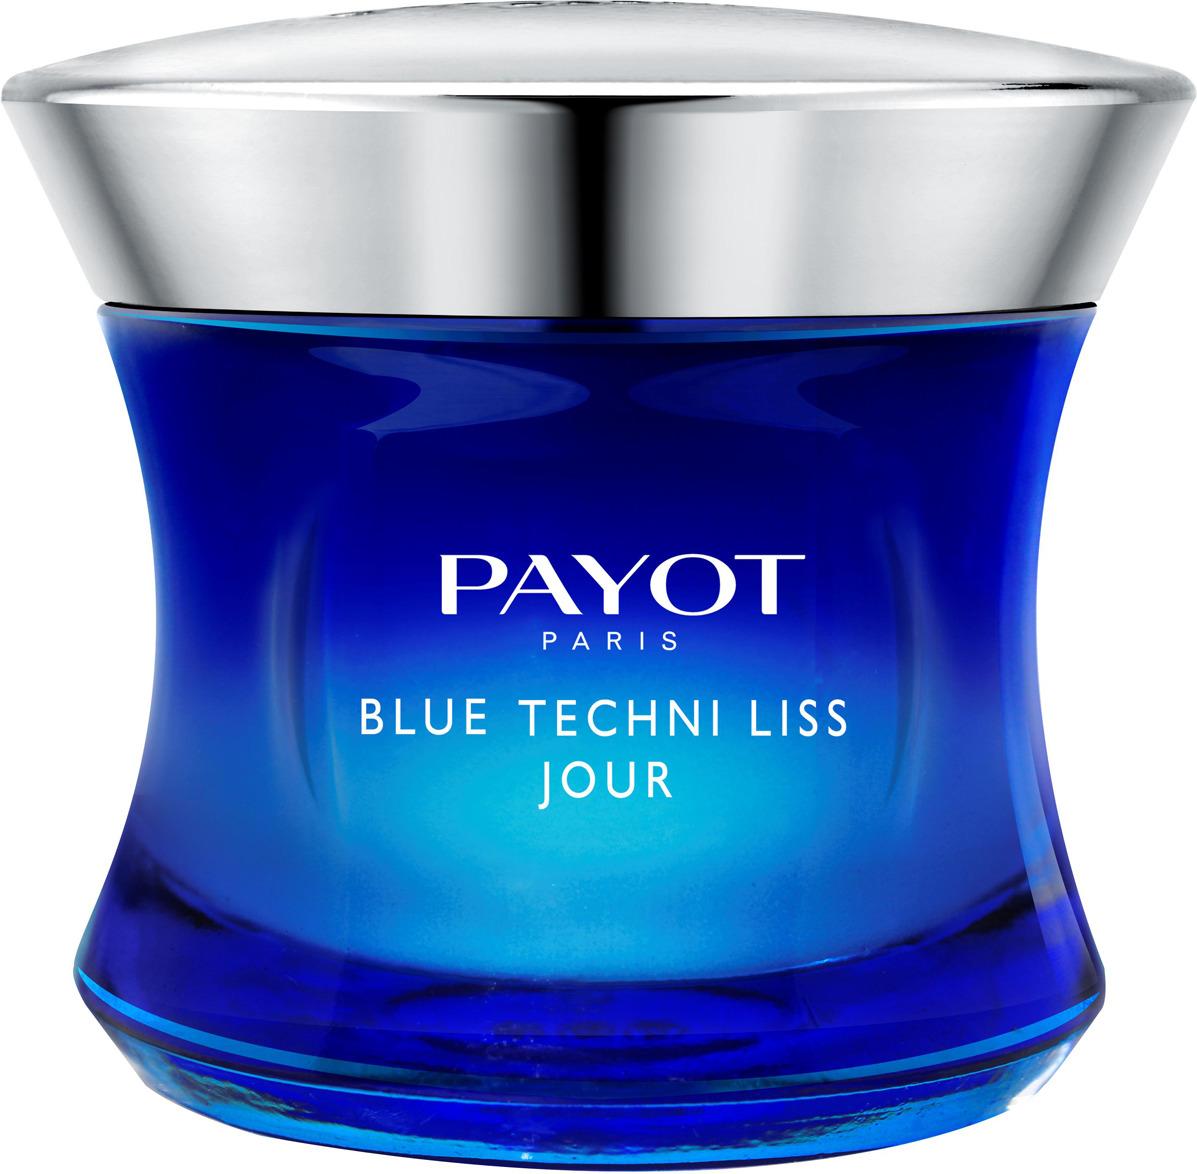 Крем для ухода за кожей Payot Blue Techni Liss, хроноактивный дневной крем, 50 мл крем для коррекции глубоких морщин techni liss 50 мл payot techni liss